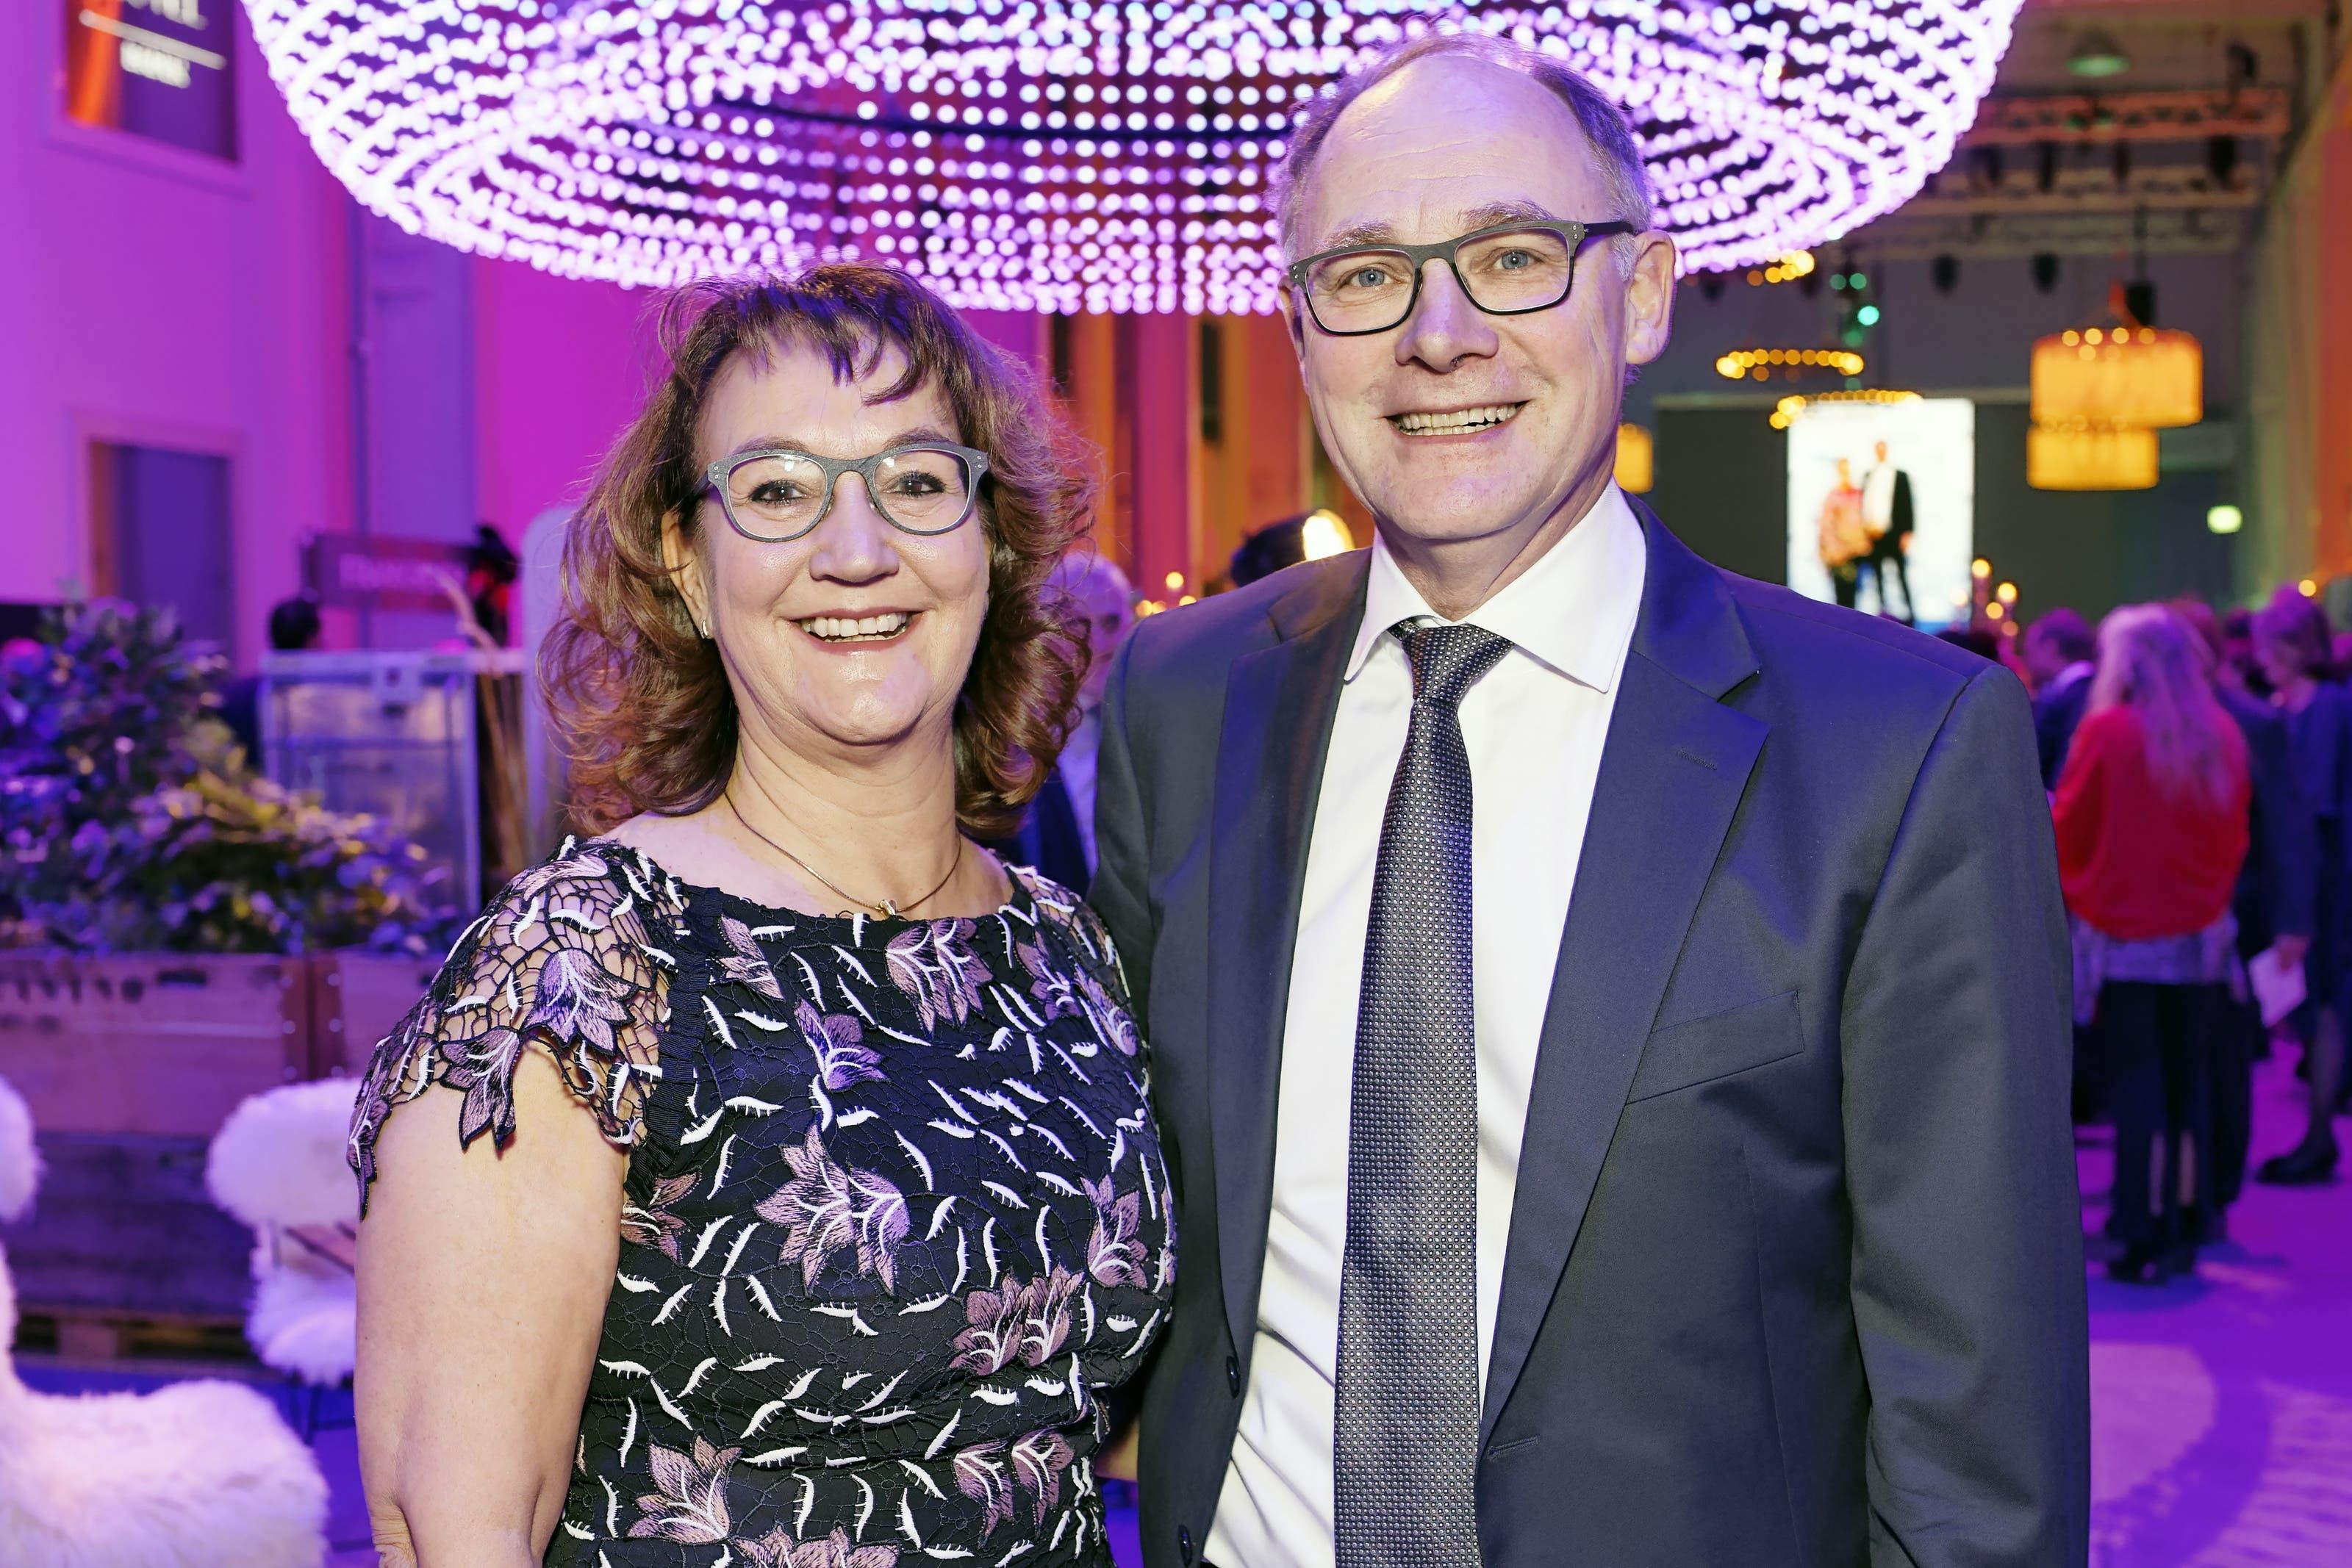 Hansjörg Knecht, Nationalrat SVP und Ständeratskandidat SVP, mit Ehefrau Rita Knecht .